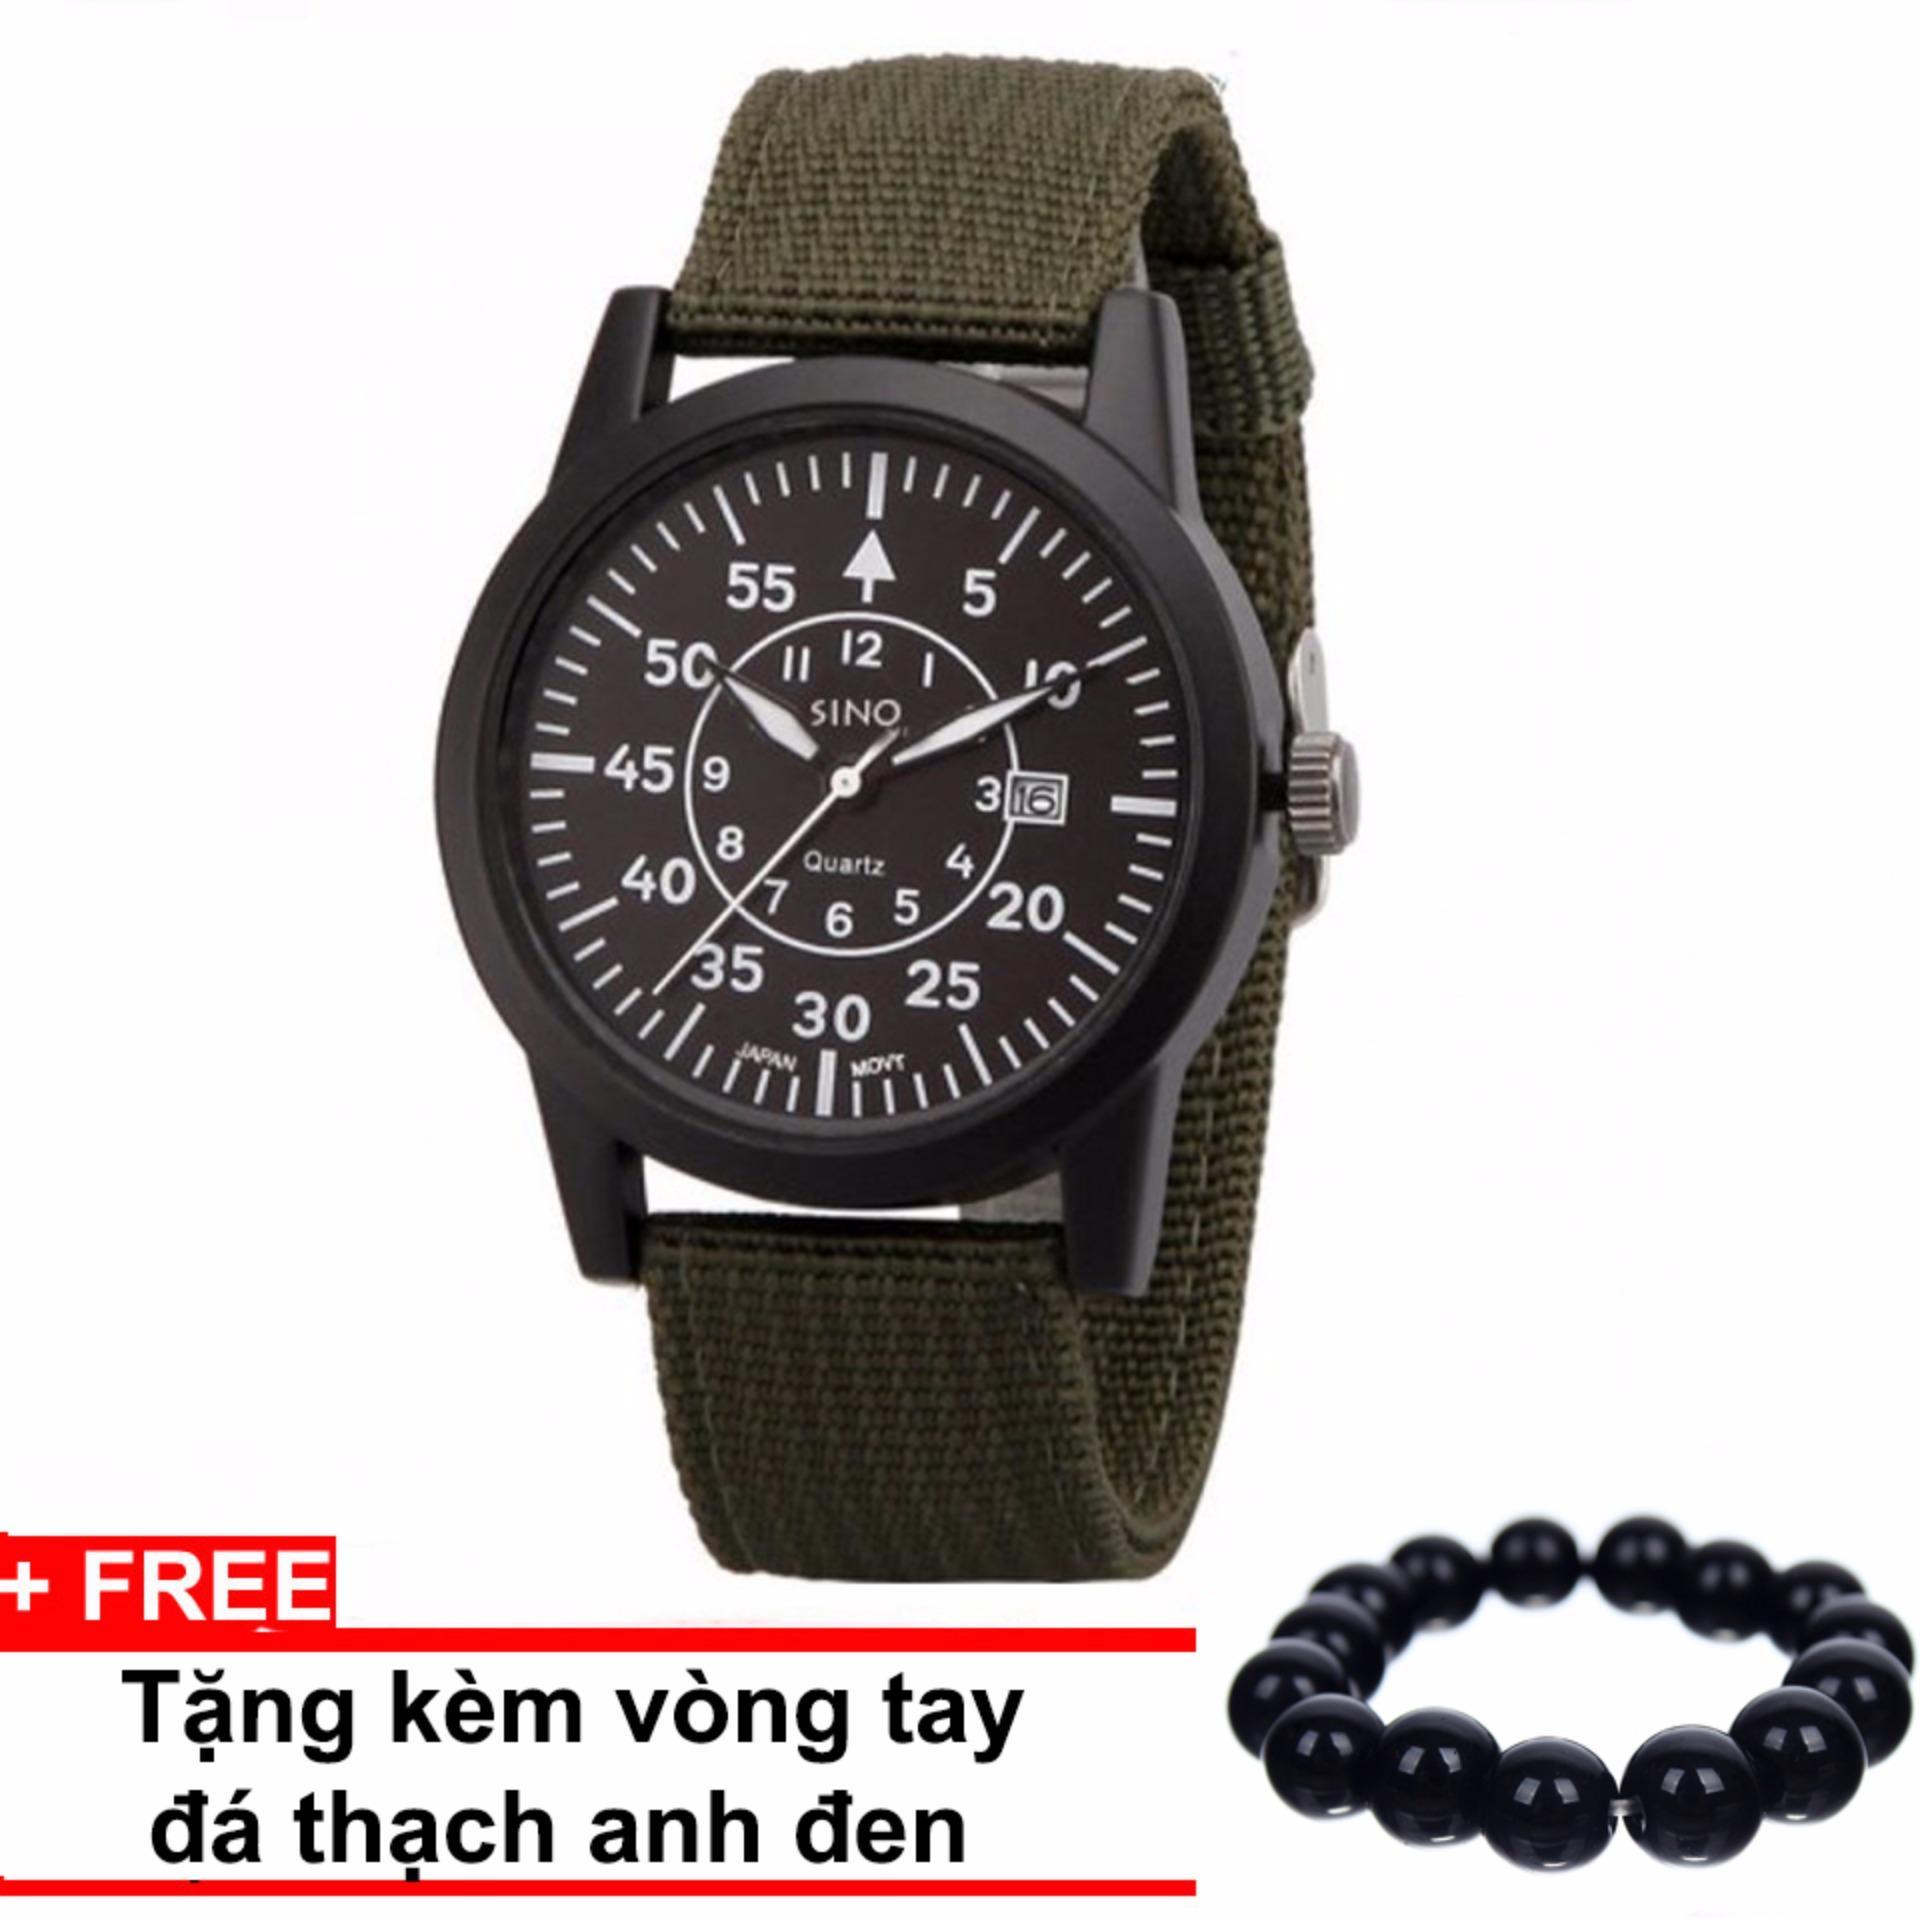 Đồng hồ nam dây vải quân đội SINO JAPAN MOVT 8868 (Dây xanh mặt đen) + Tặng kèm vòng tay thạch anh đen